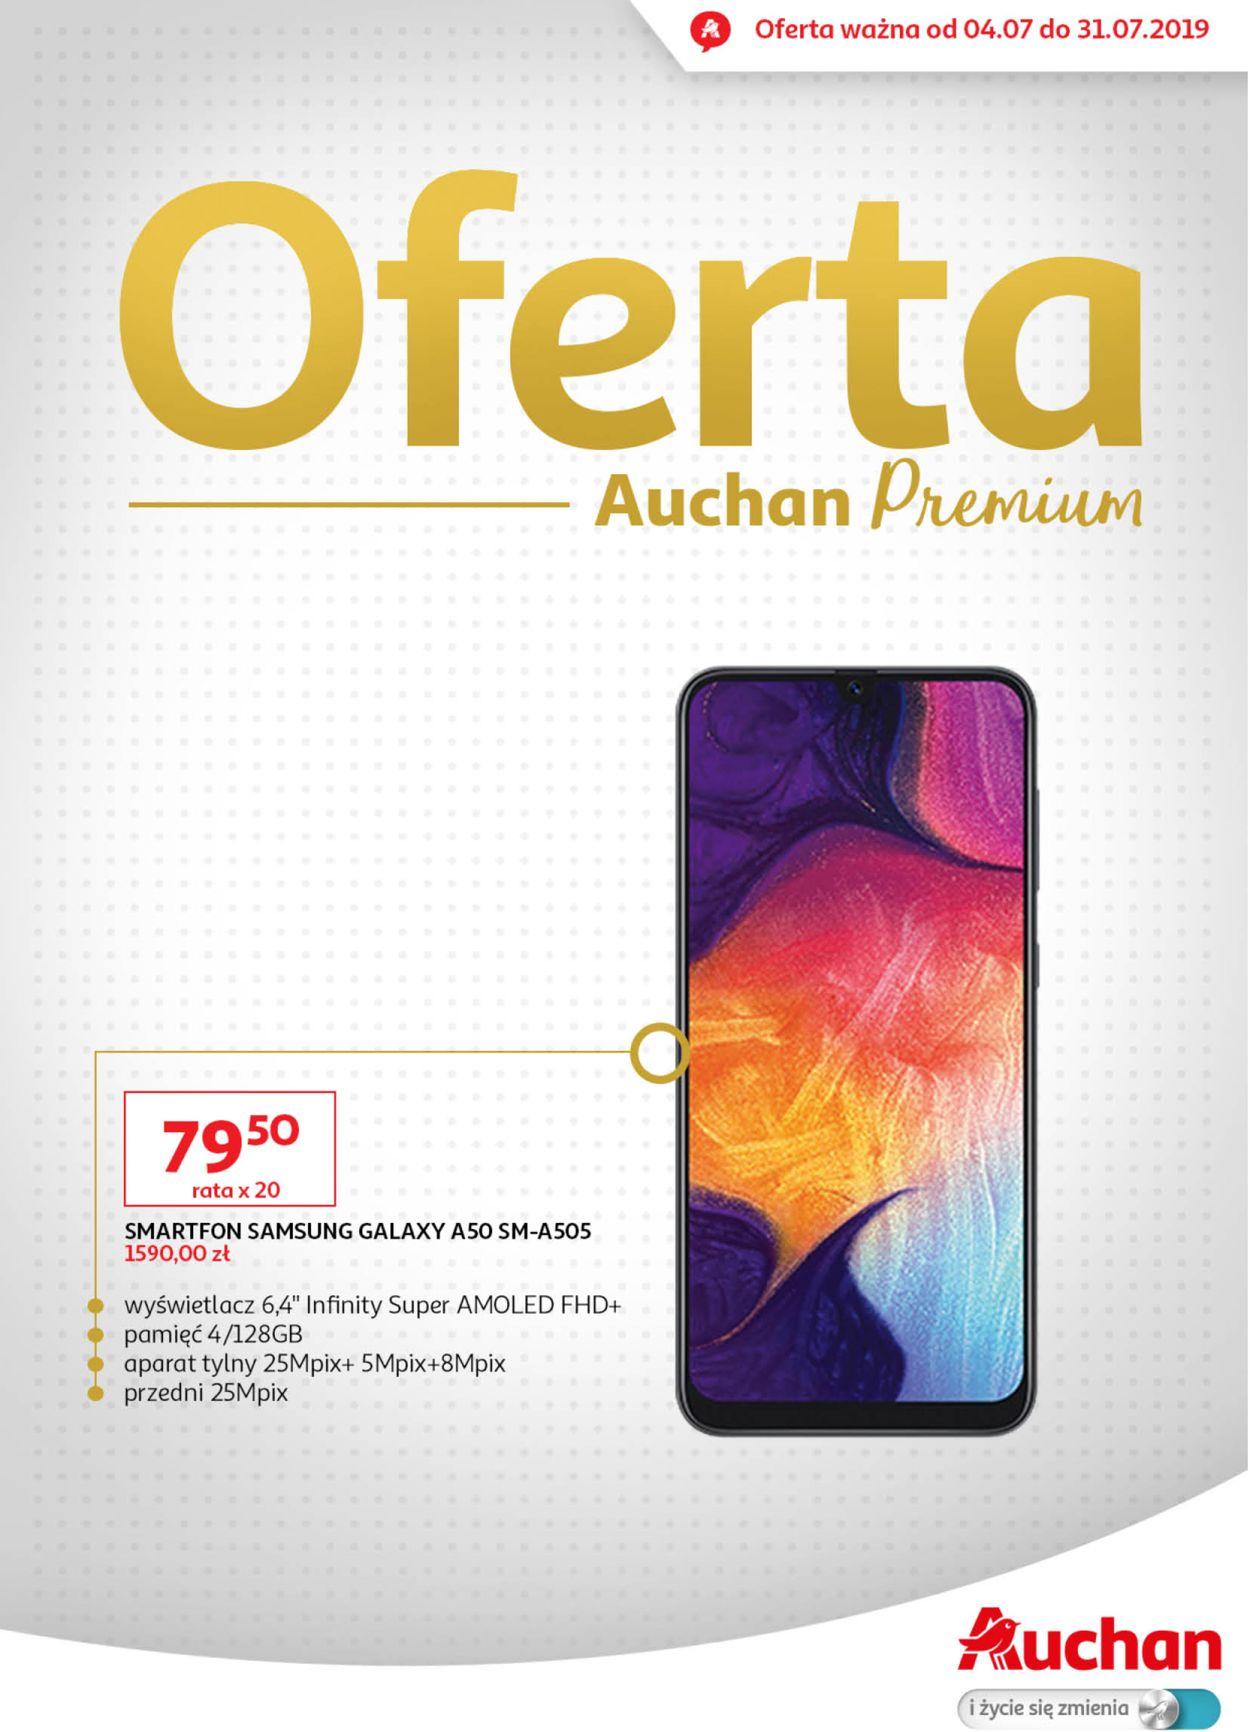 Gazetka promocyjna Auchan - 04.07-31.07.2019